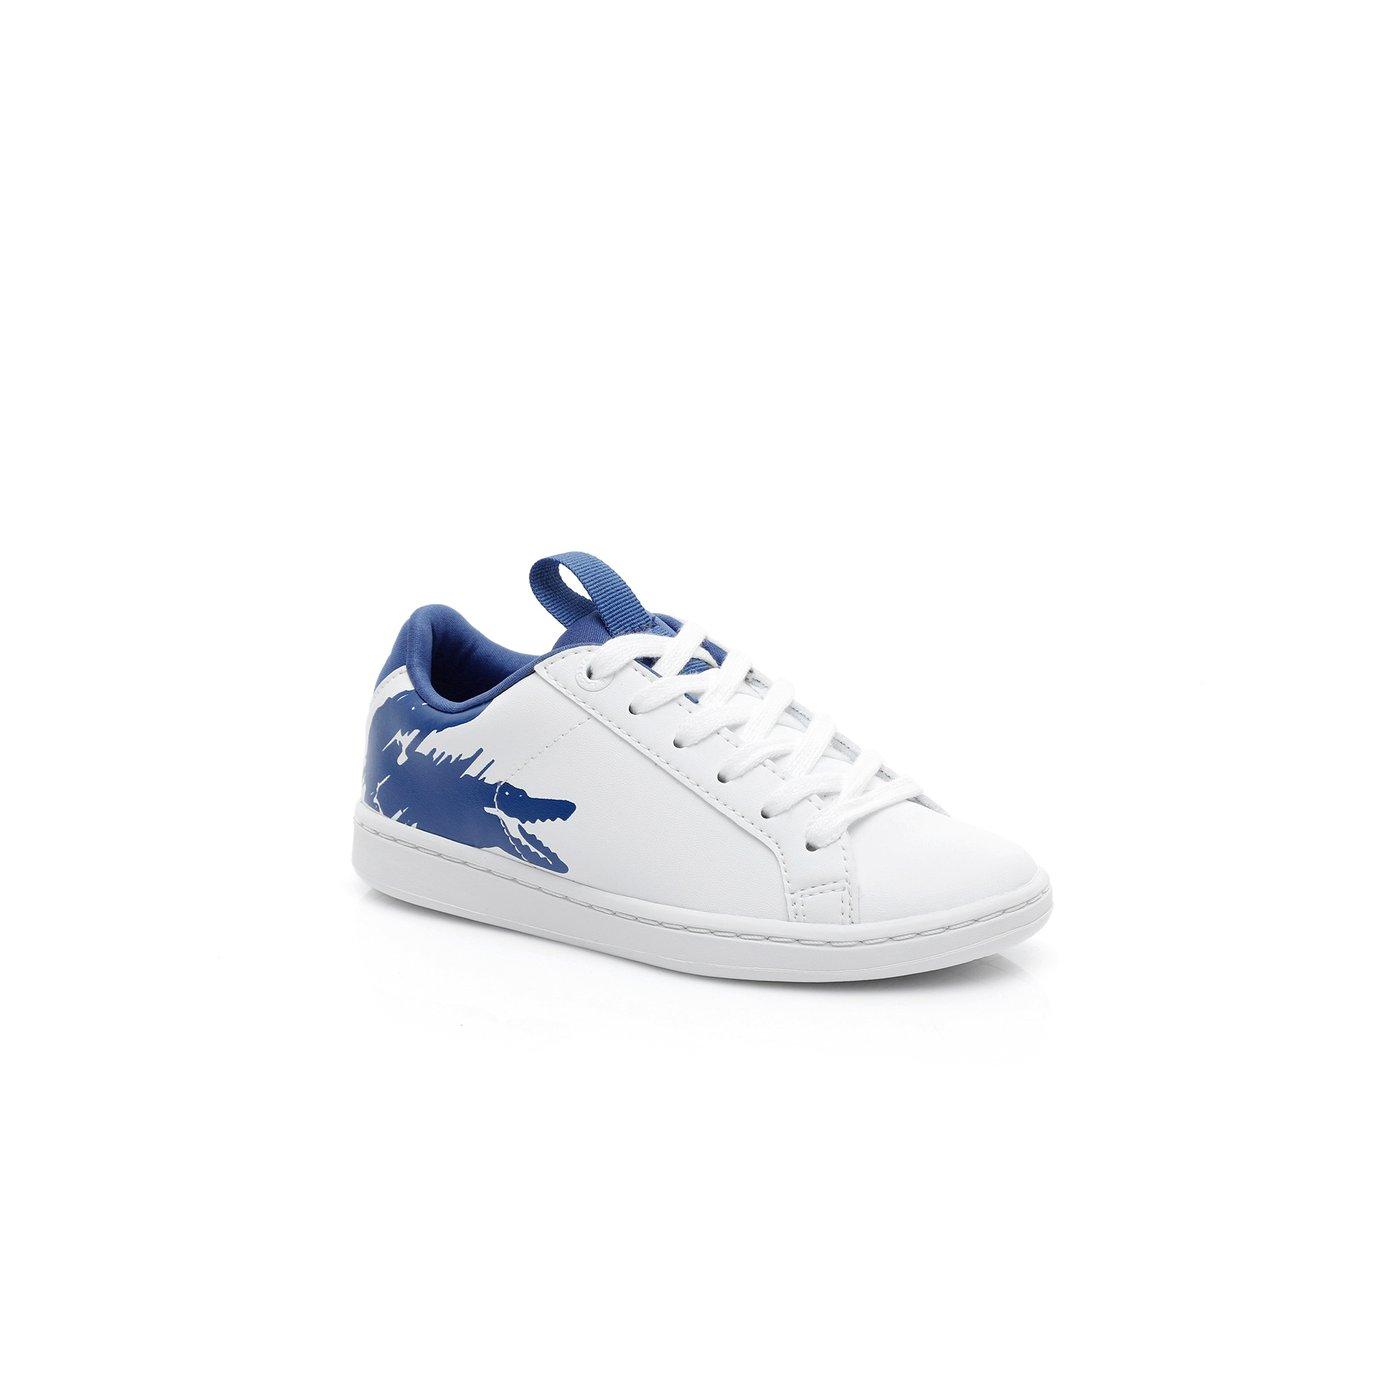 Lacoste Çocuk Beyaz - Mavi Carnaby Evo 119 1 Spor Ayakkabı